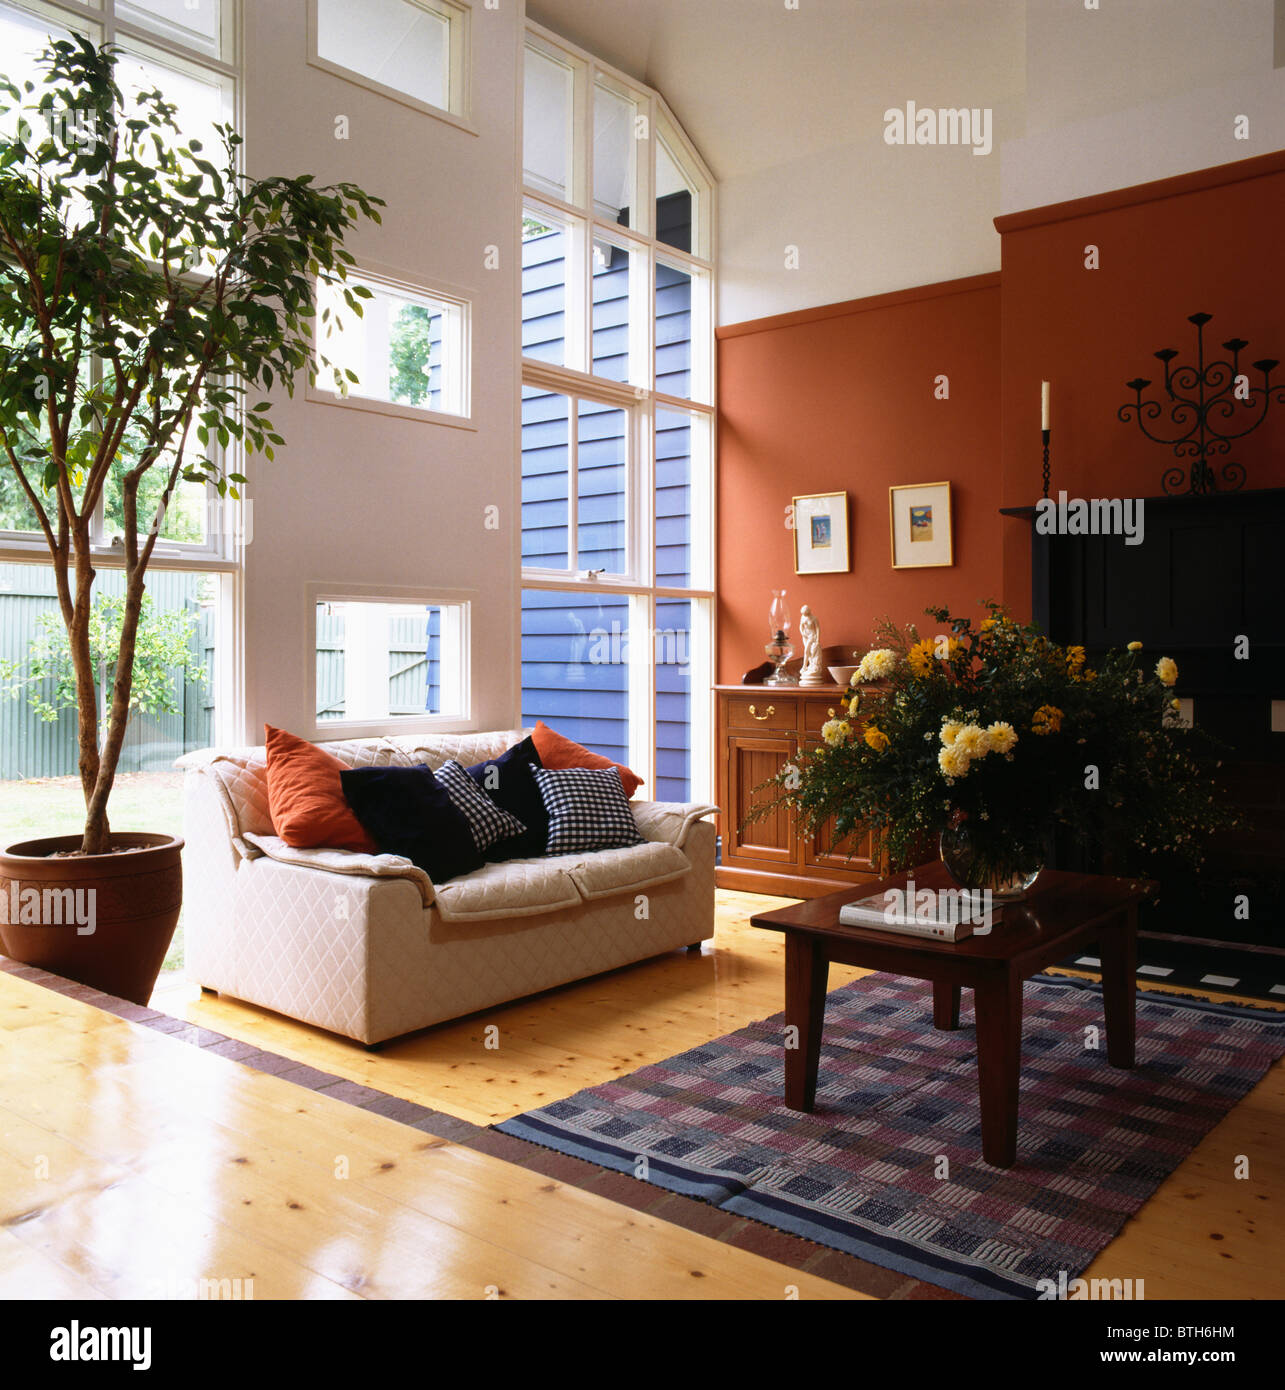 Weißes Sofa und Baum in Topf in großen modernen Split-Level ...